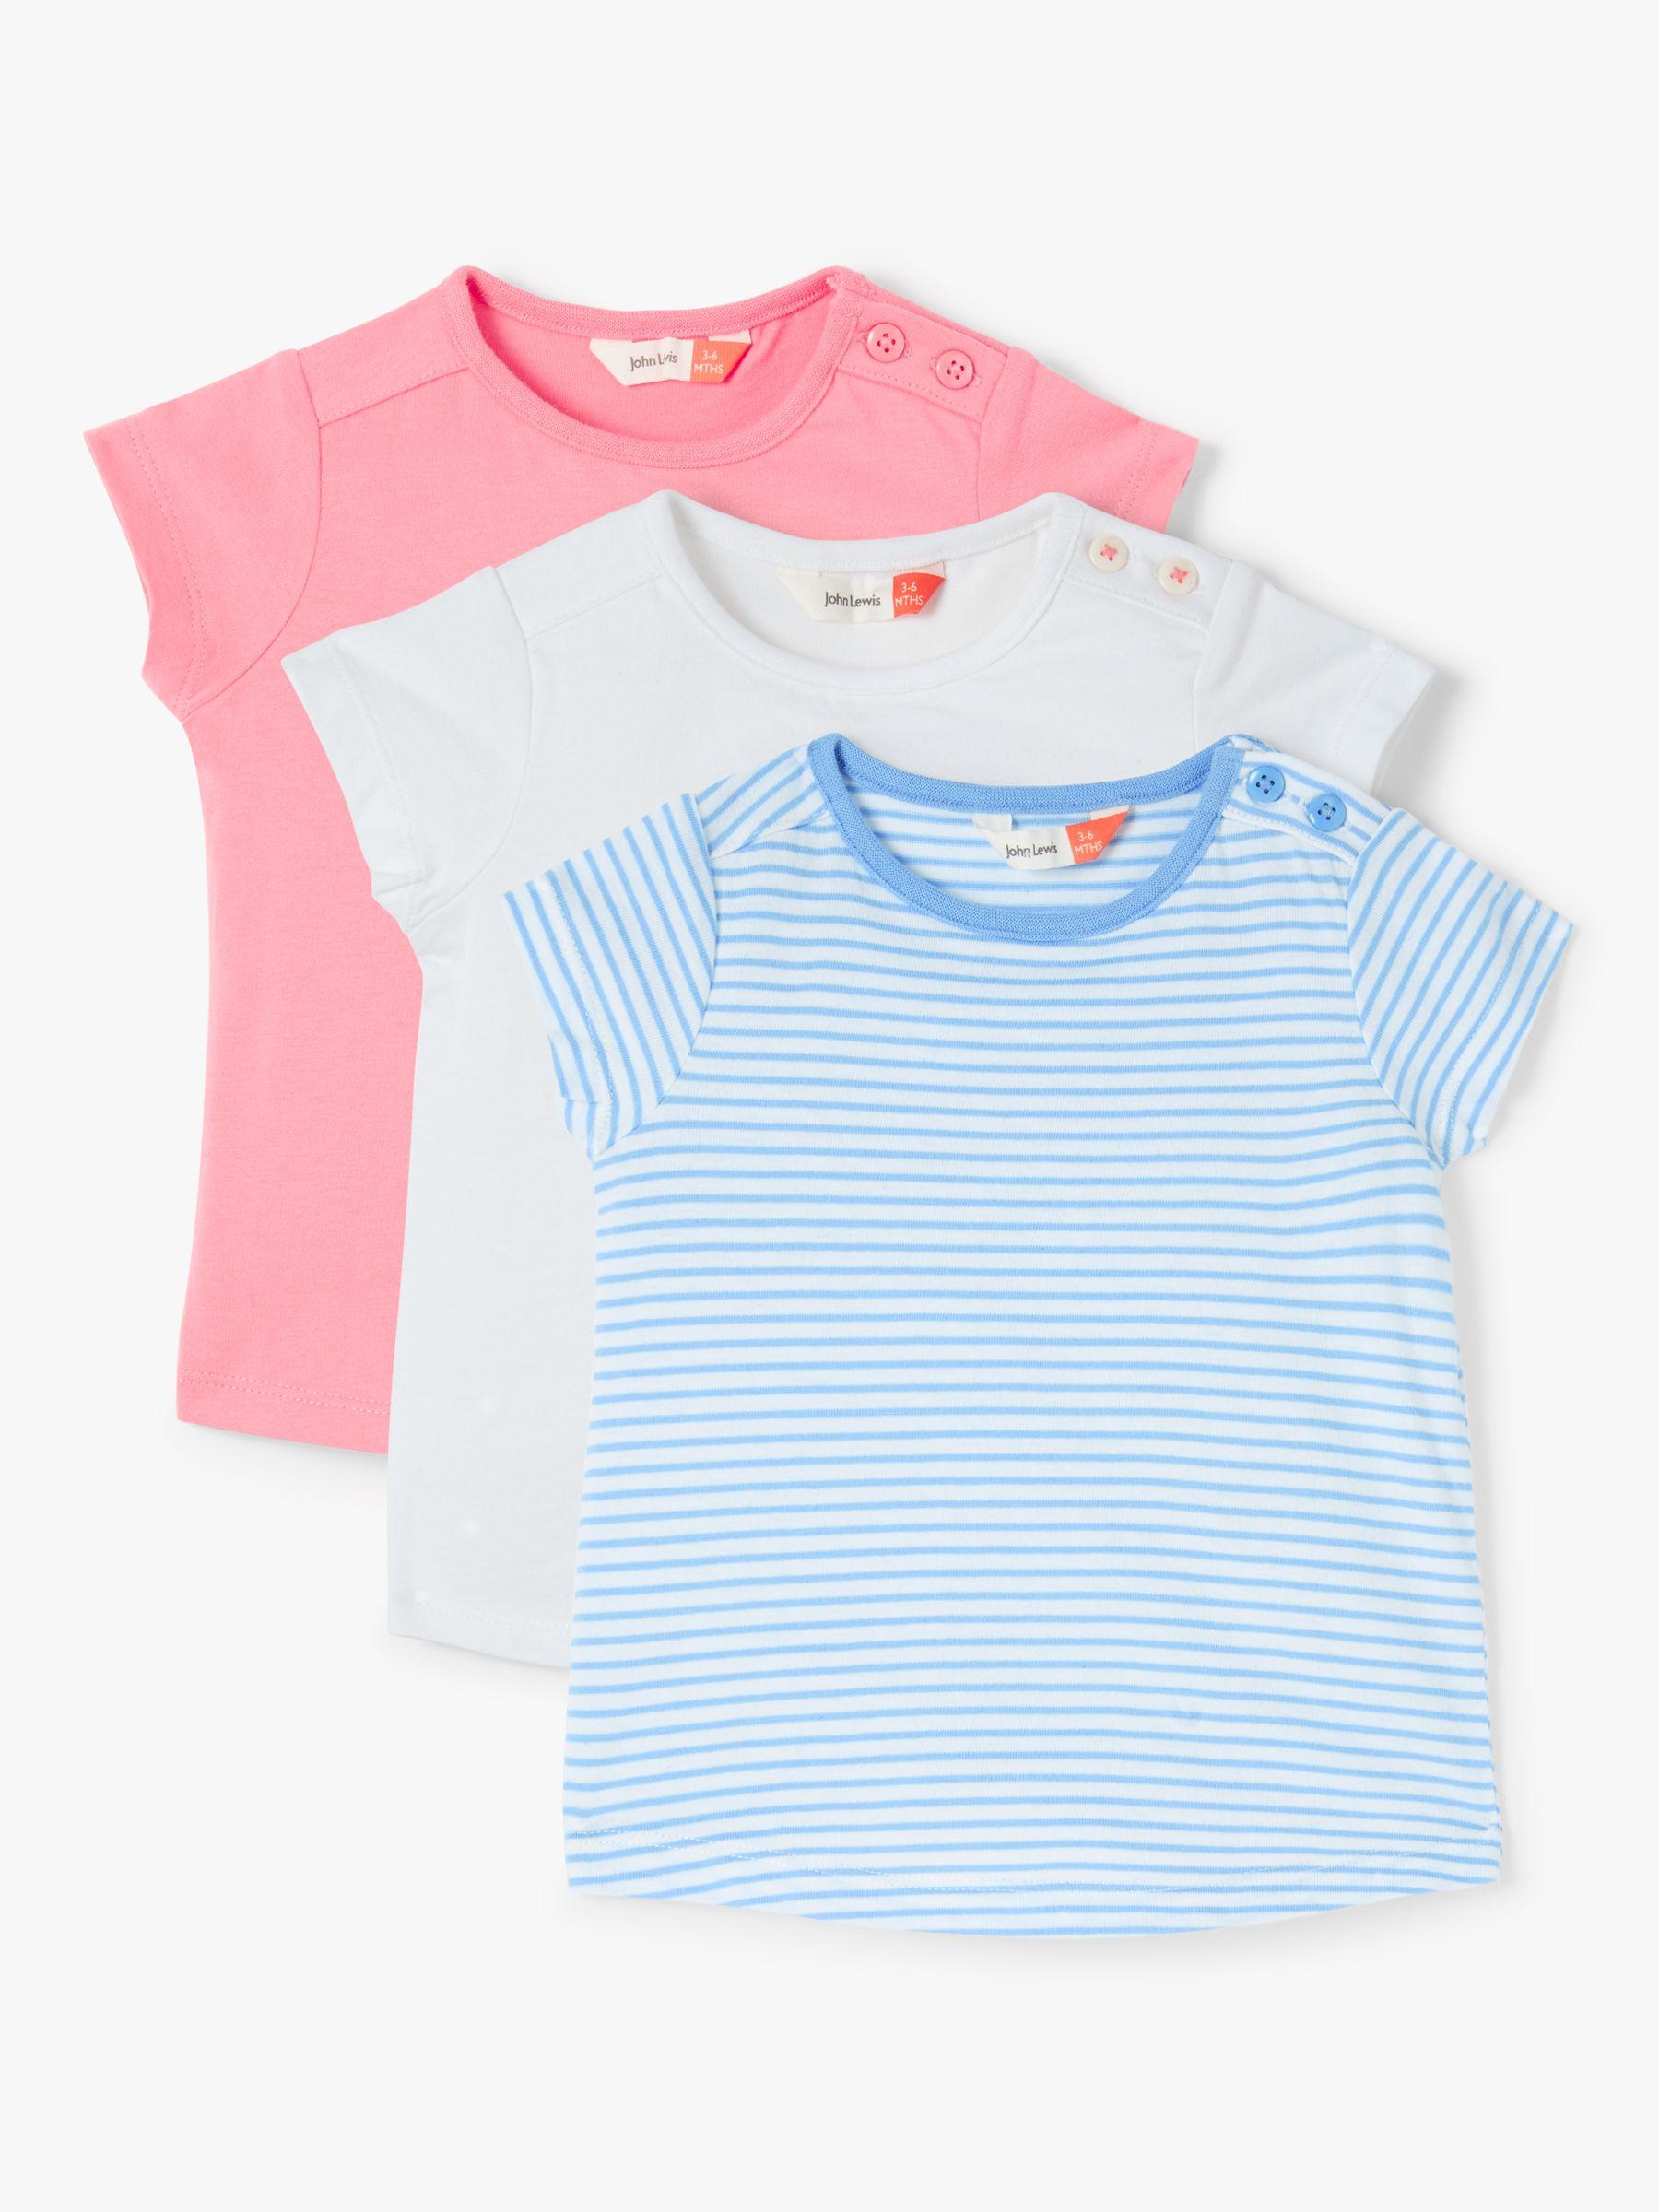 21ec85e56db6 Toddler White T Shirt Packs | Azərbaycan Dillər Universiteti